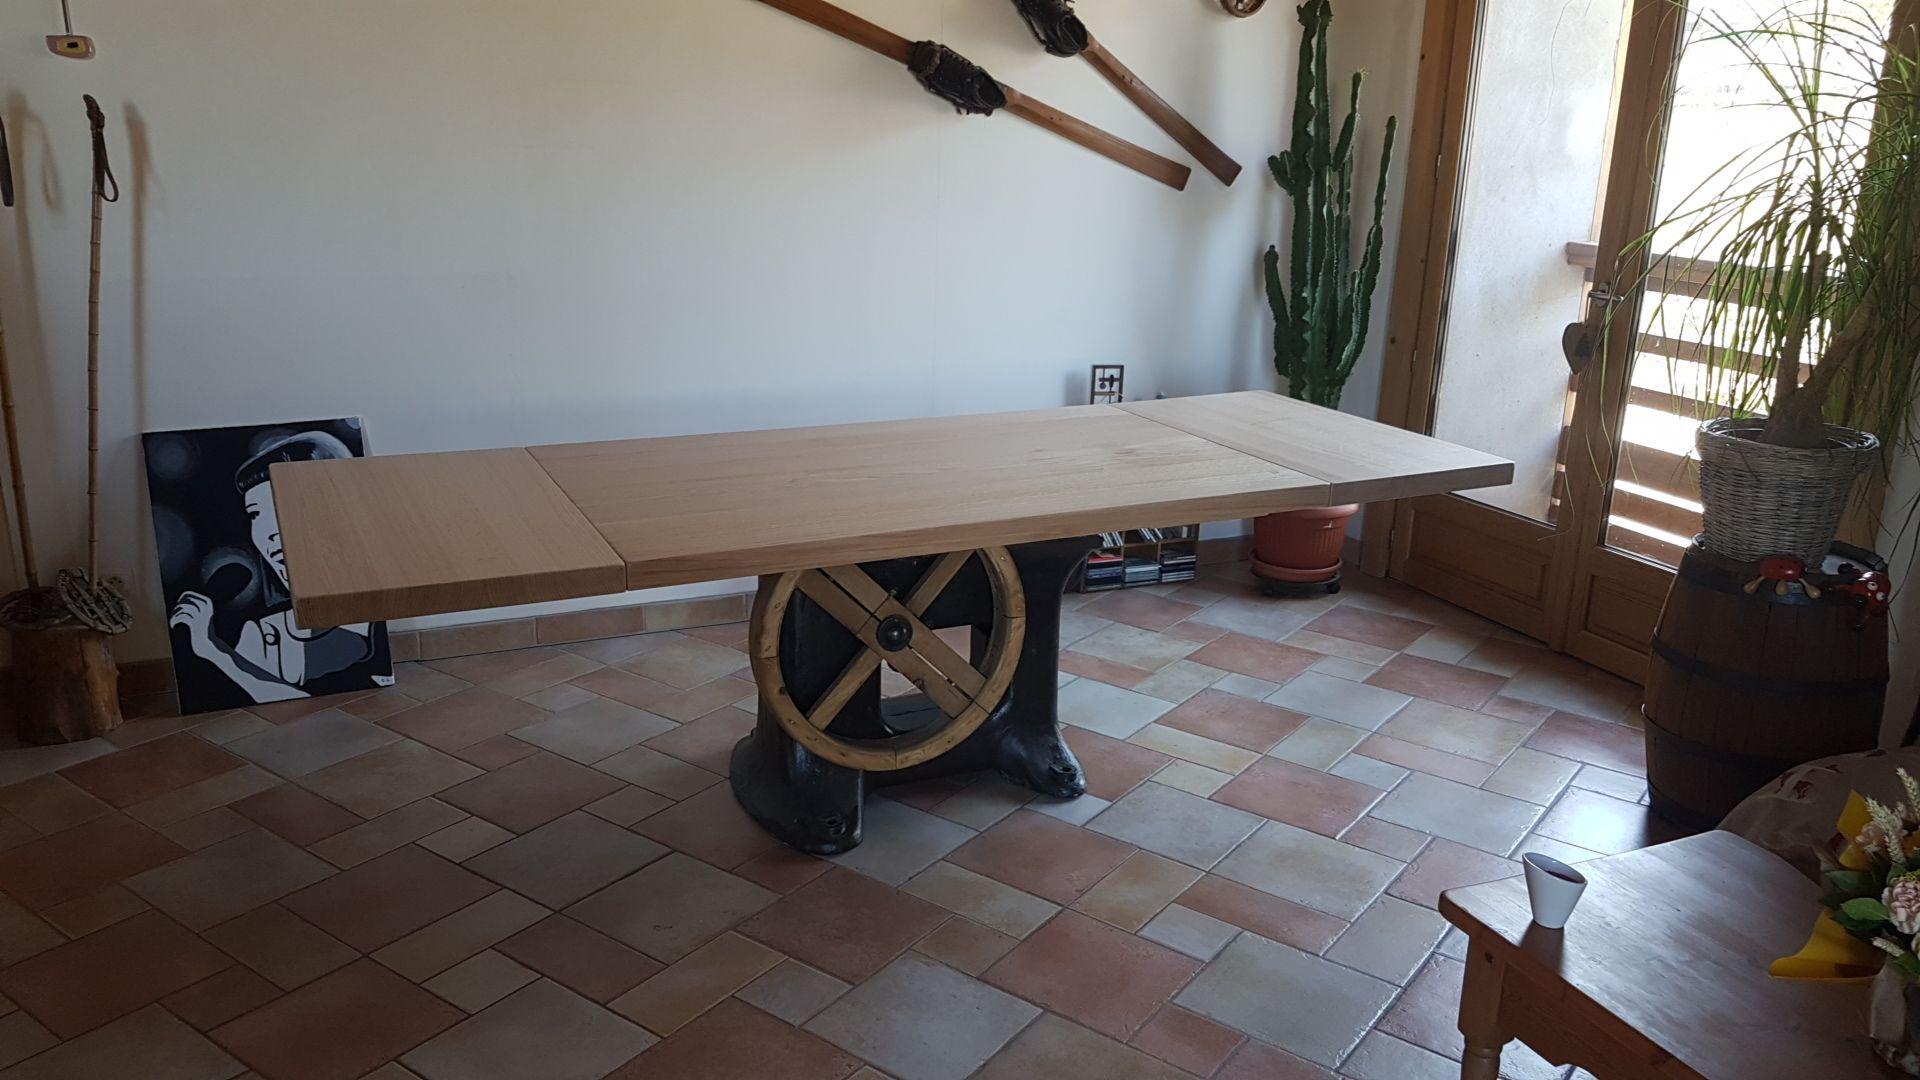 Grande Table Industrielle Pied Central Ancien En Fonte à